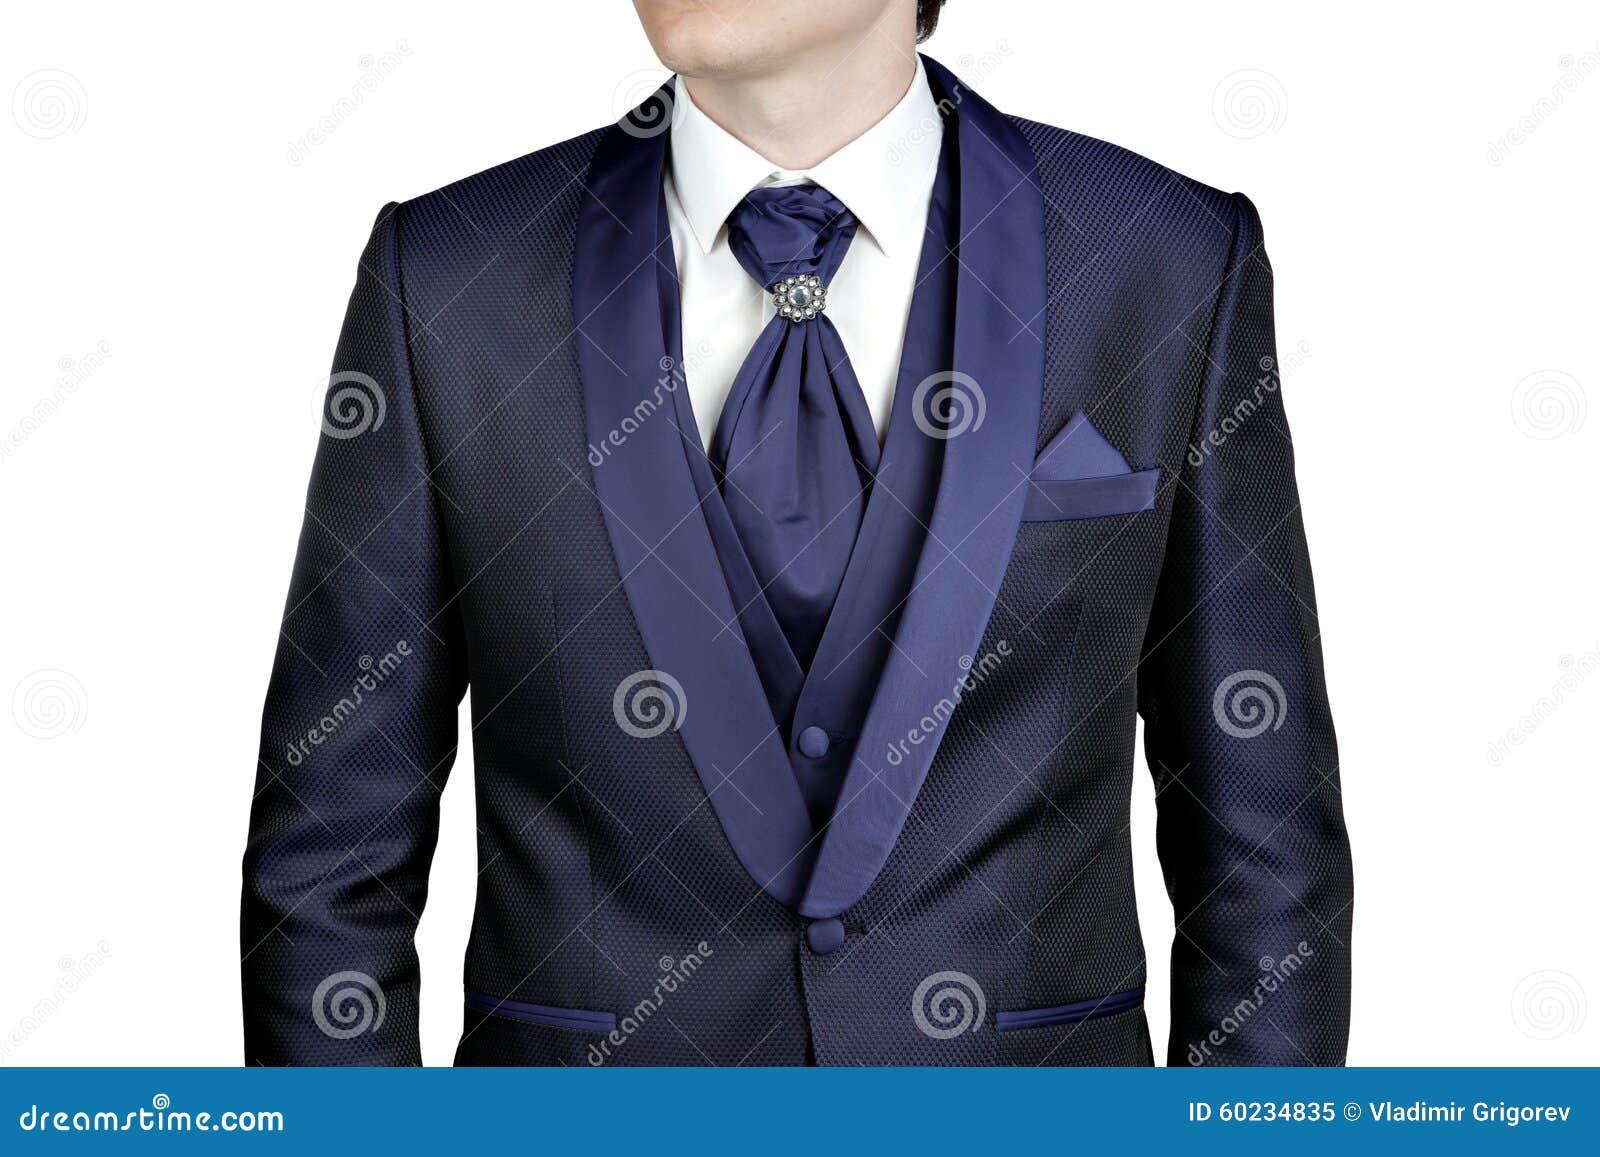 Μπλε ναυτικό κοστούμι για τα άτομα f25c393fc9d